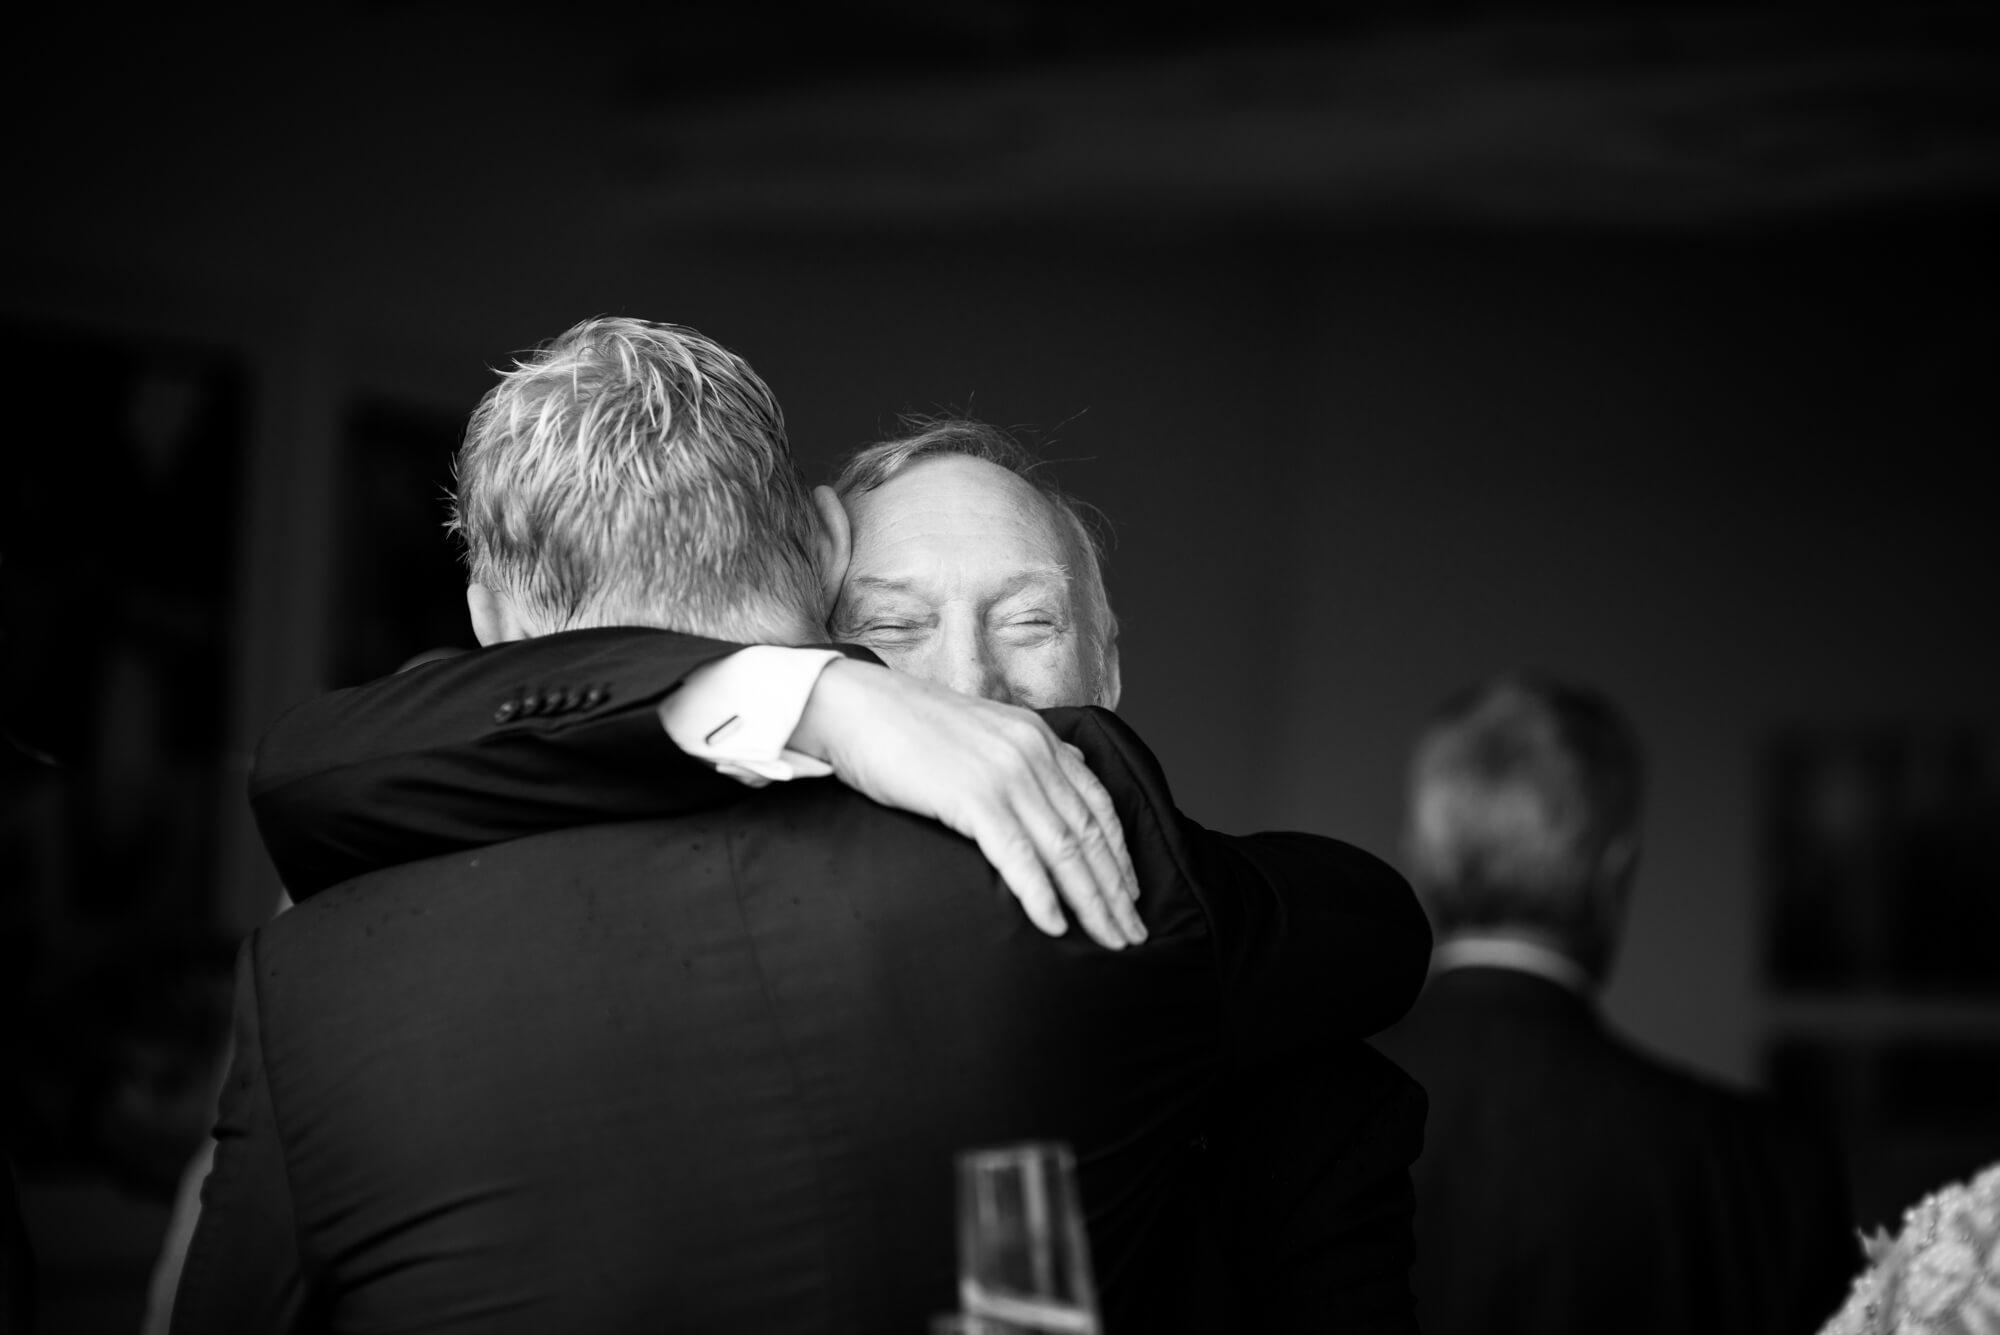 father of groom groom hug happy moment